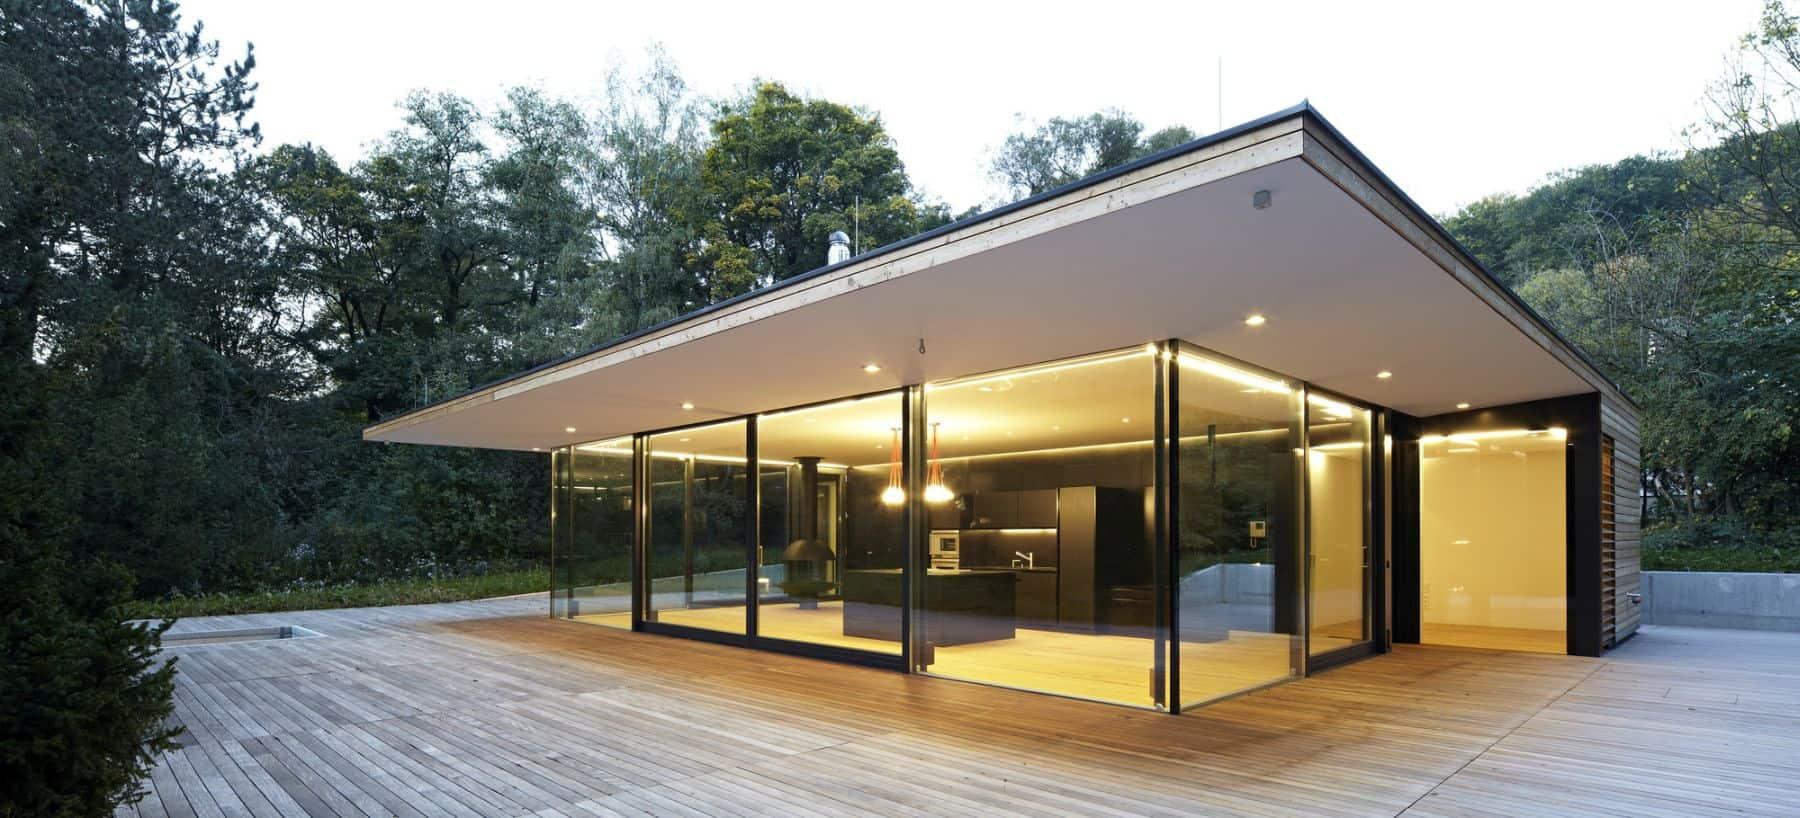 Casa Hainbach Glass House from MOOSMANN